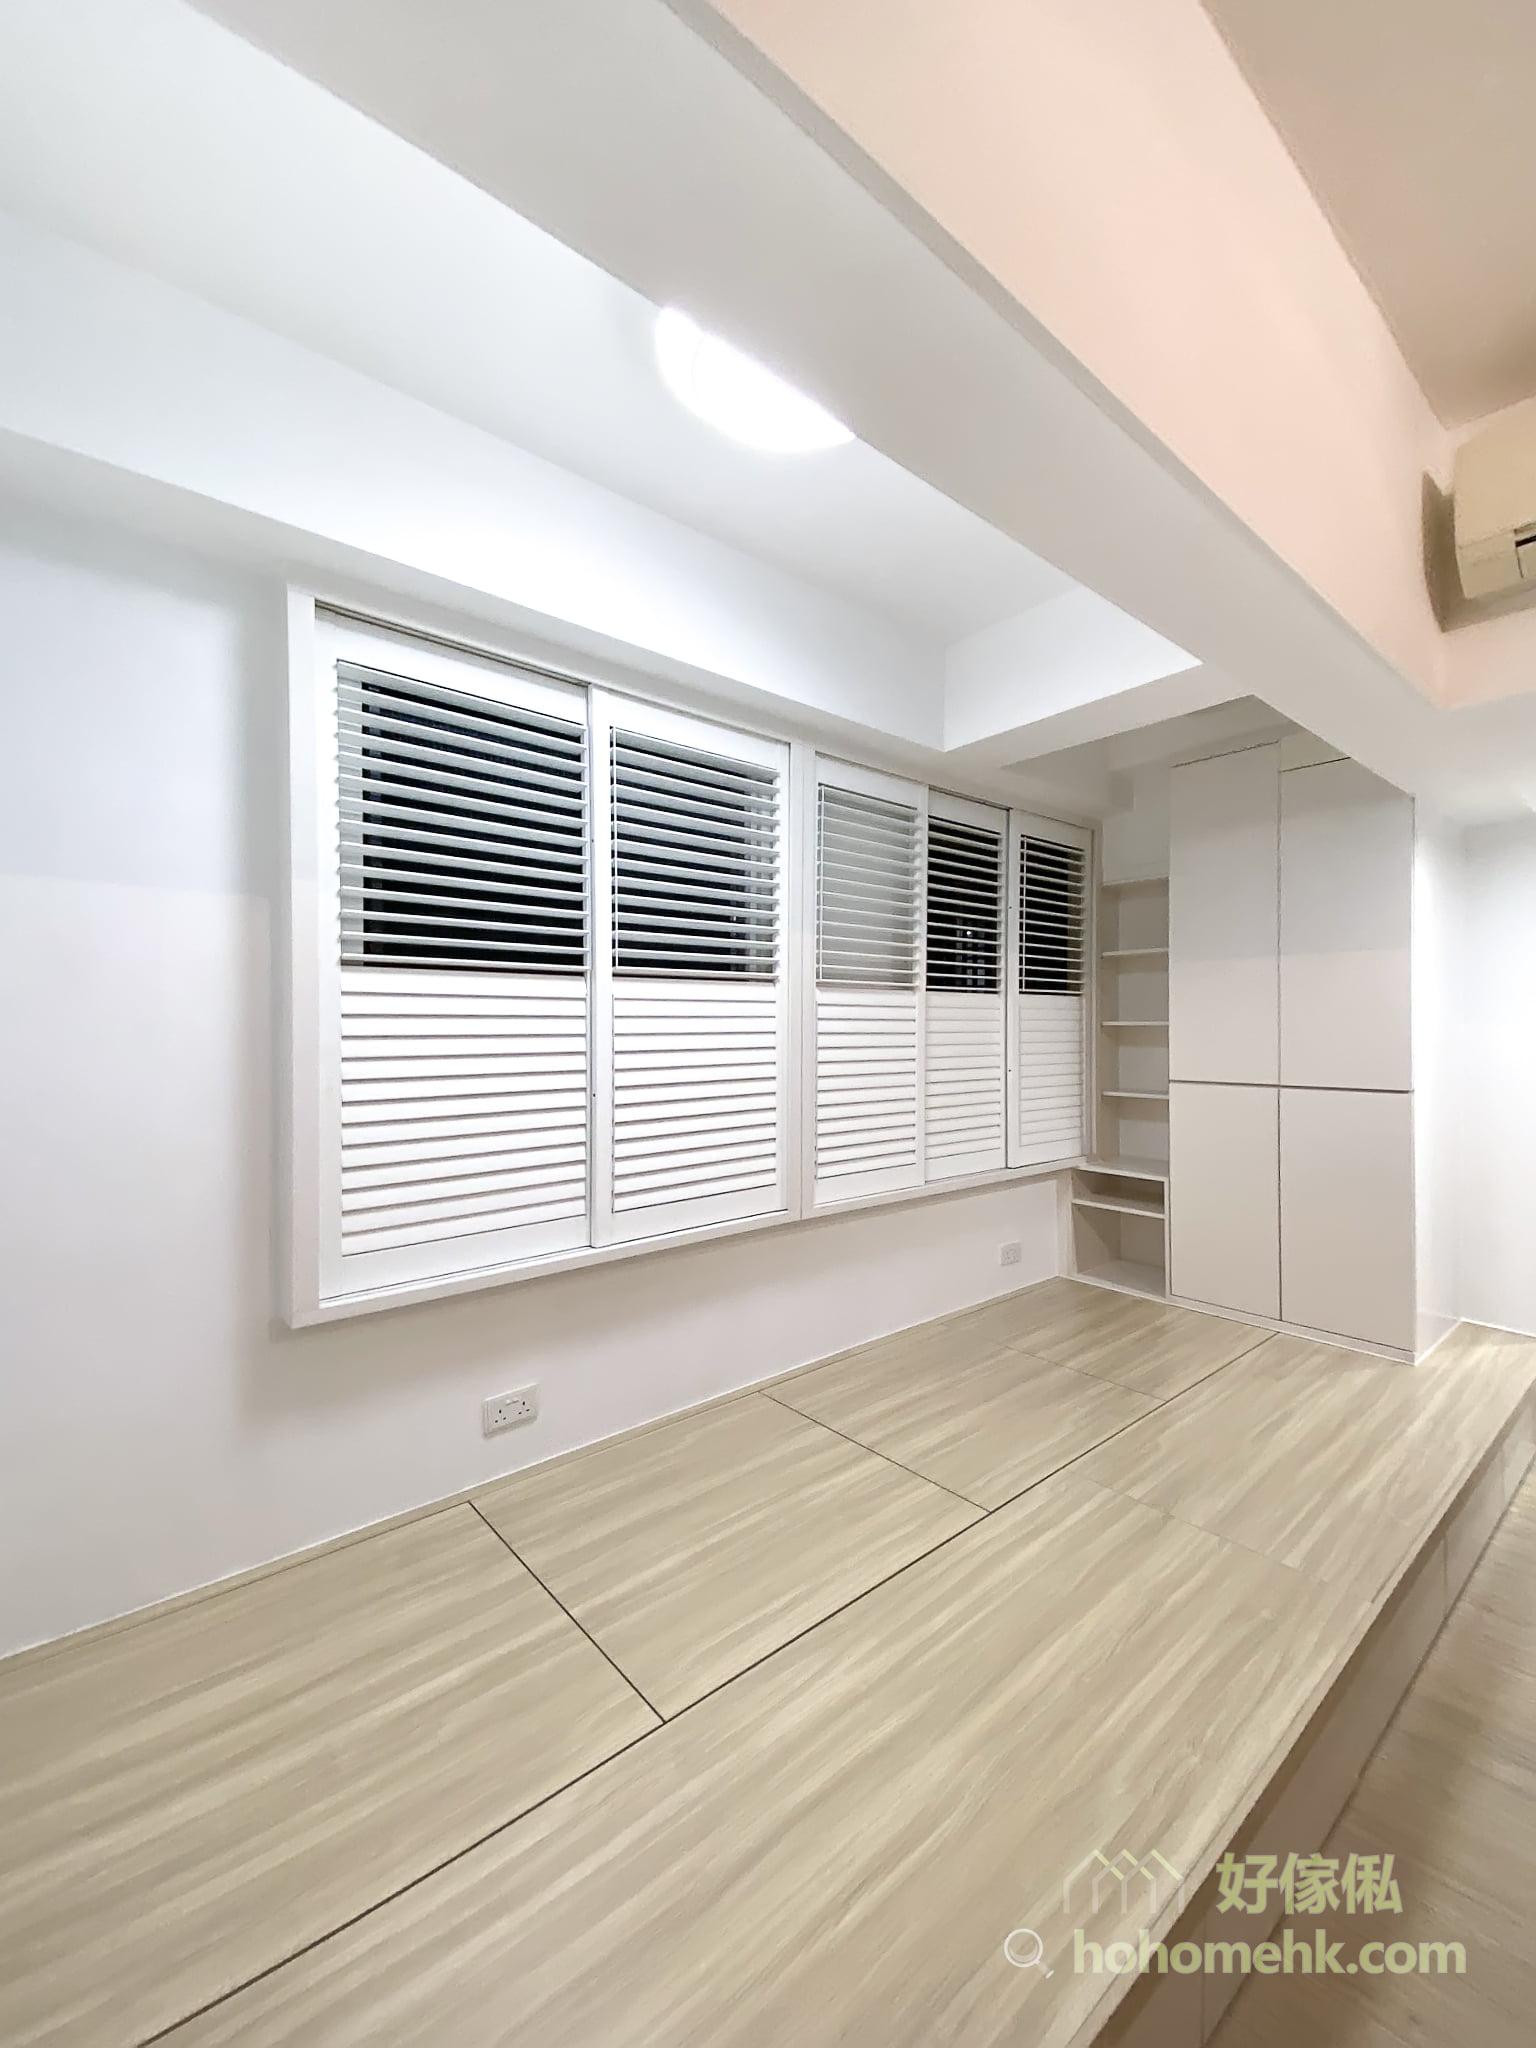 木百葉窗簾分開上下兩段式調節,可透過百葉窗簾的角度自由控制有多少陽光照射到屋內,不會太過刺眼也不會太陰暗,同時兼顧隱私